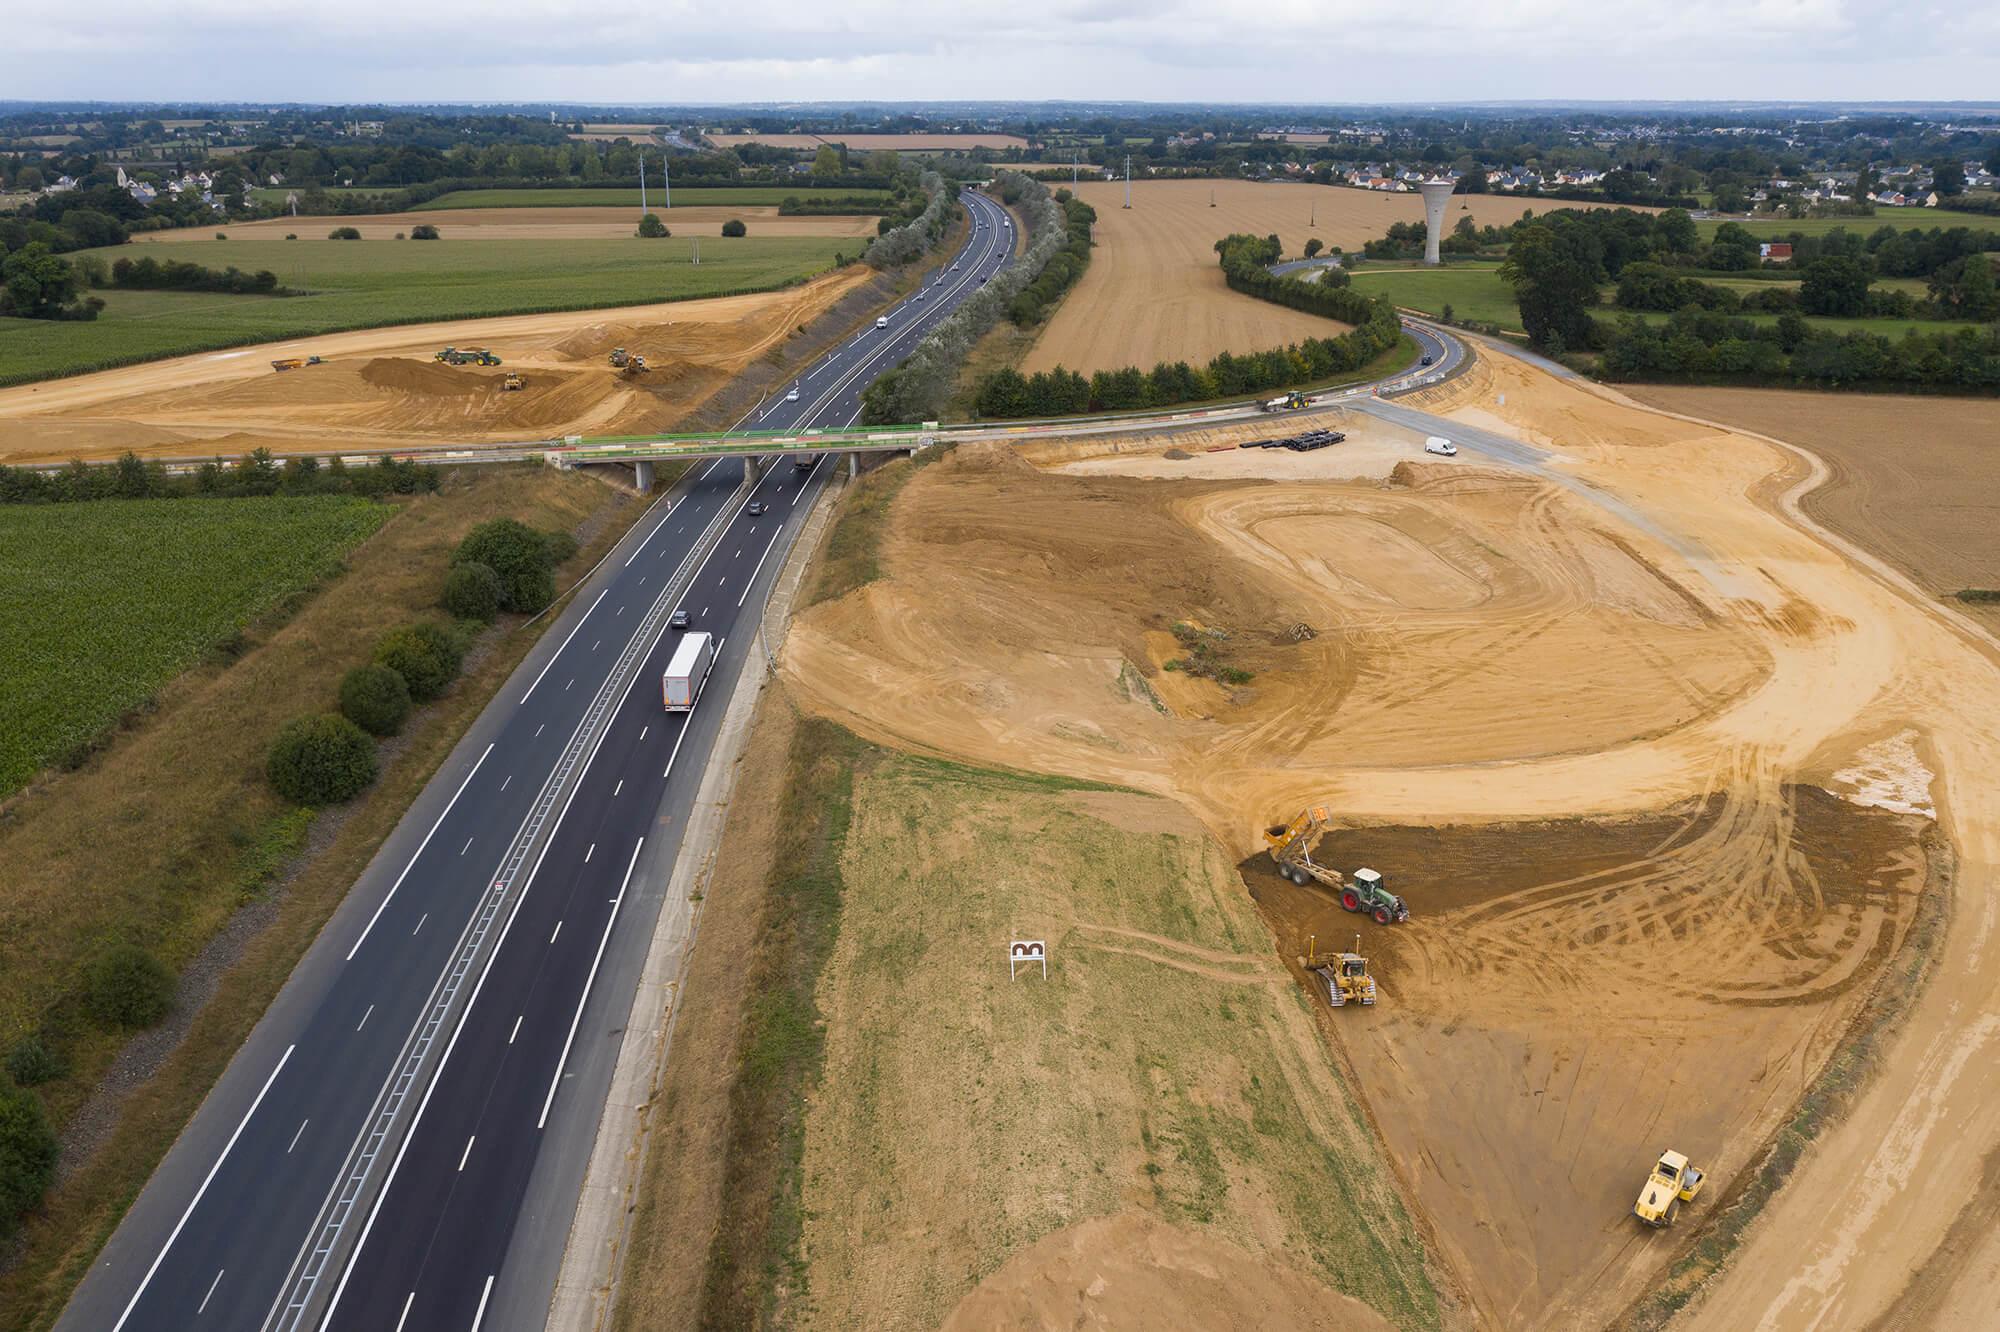 Mastell chantier Monceaux en Bessin sept 2019 (7)